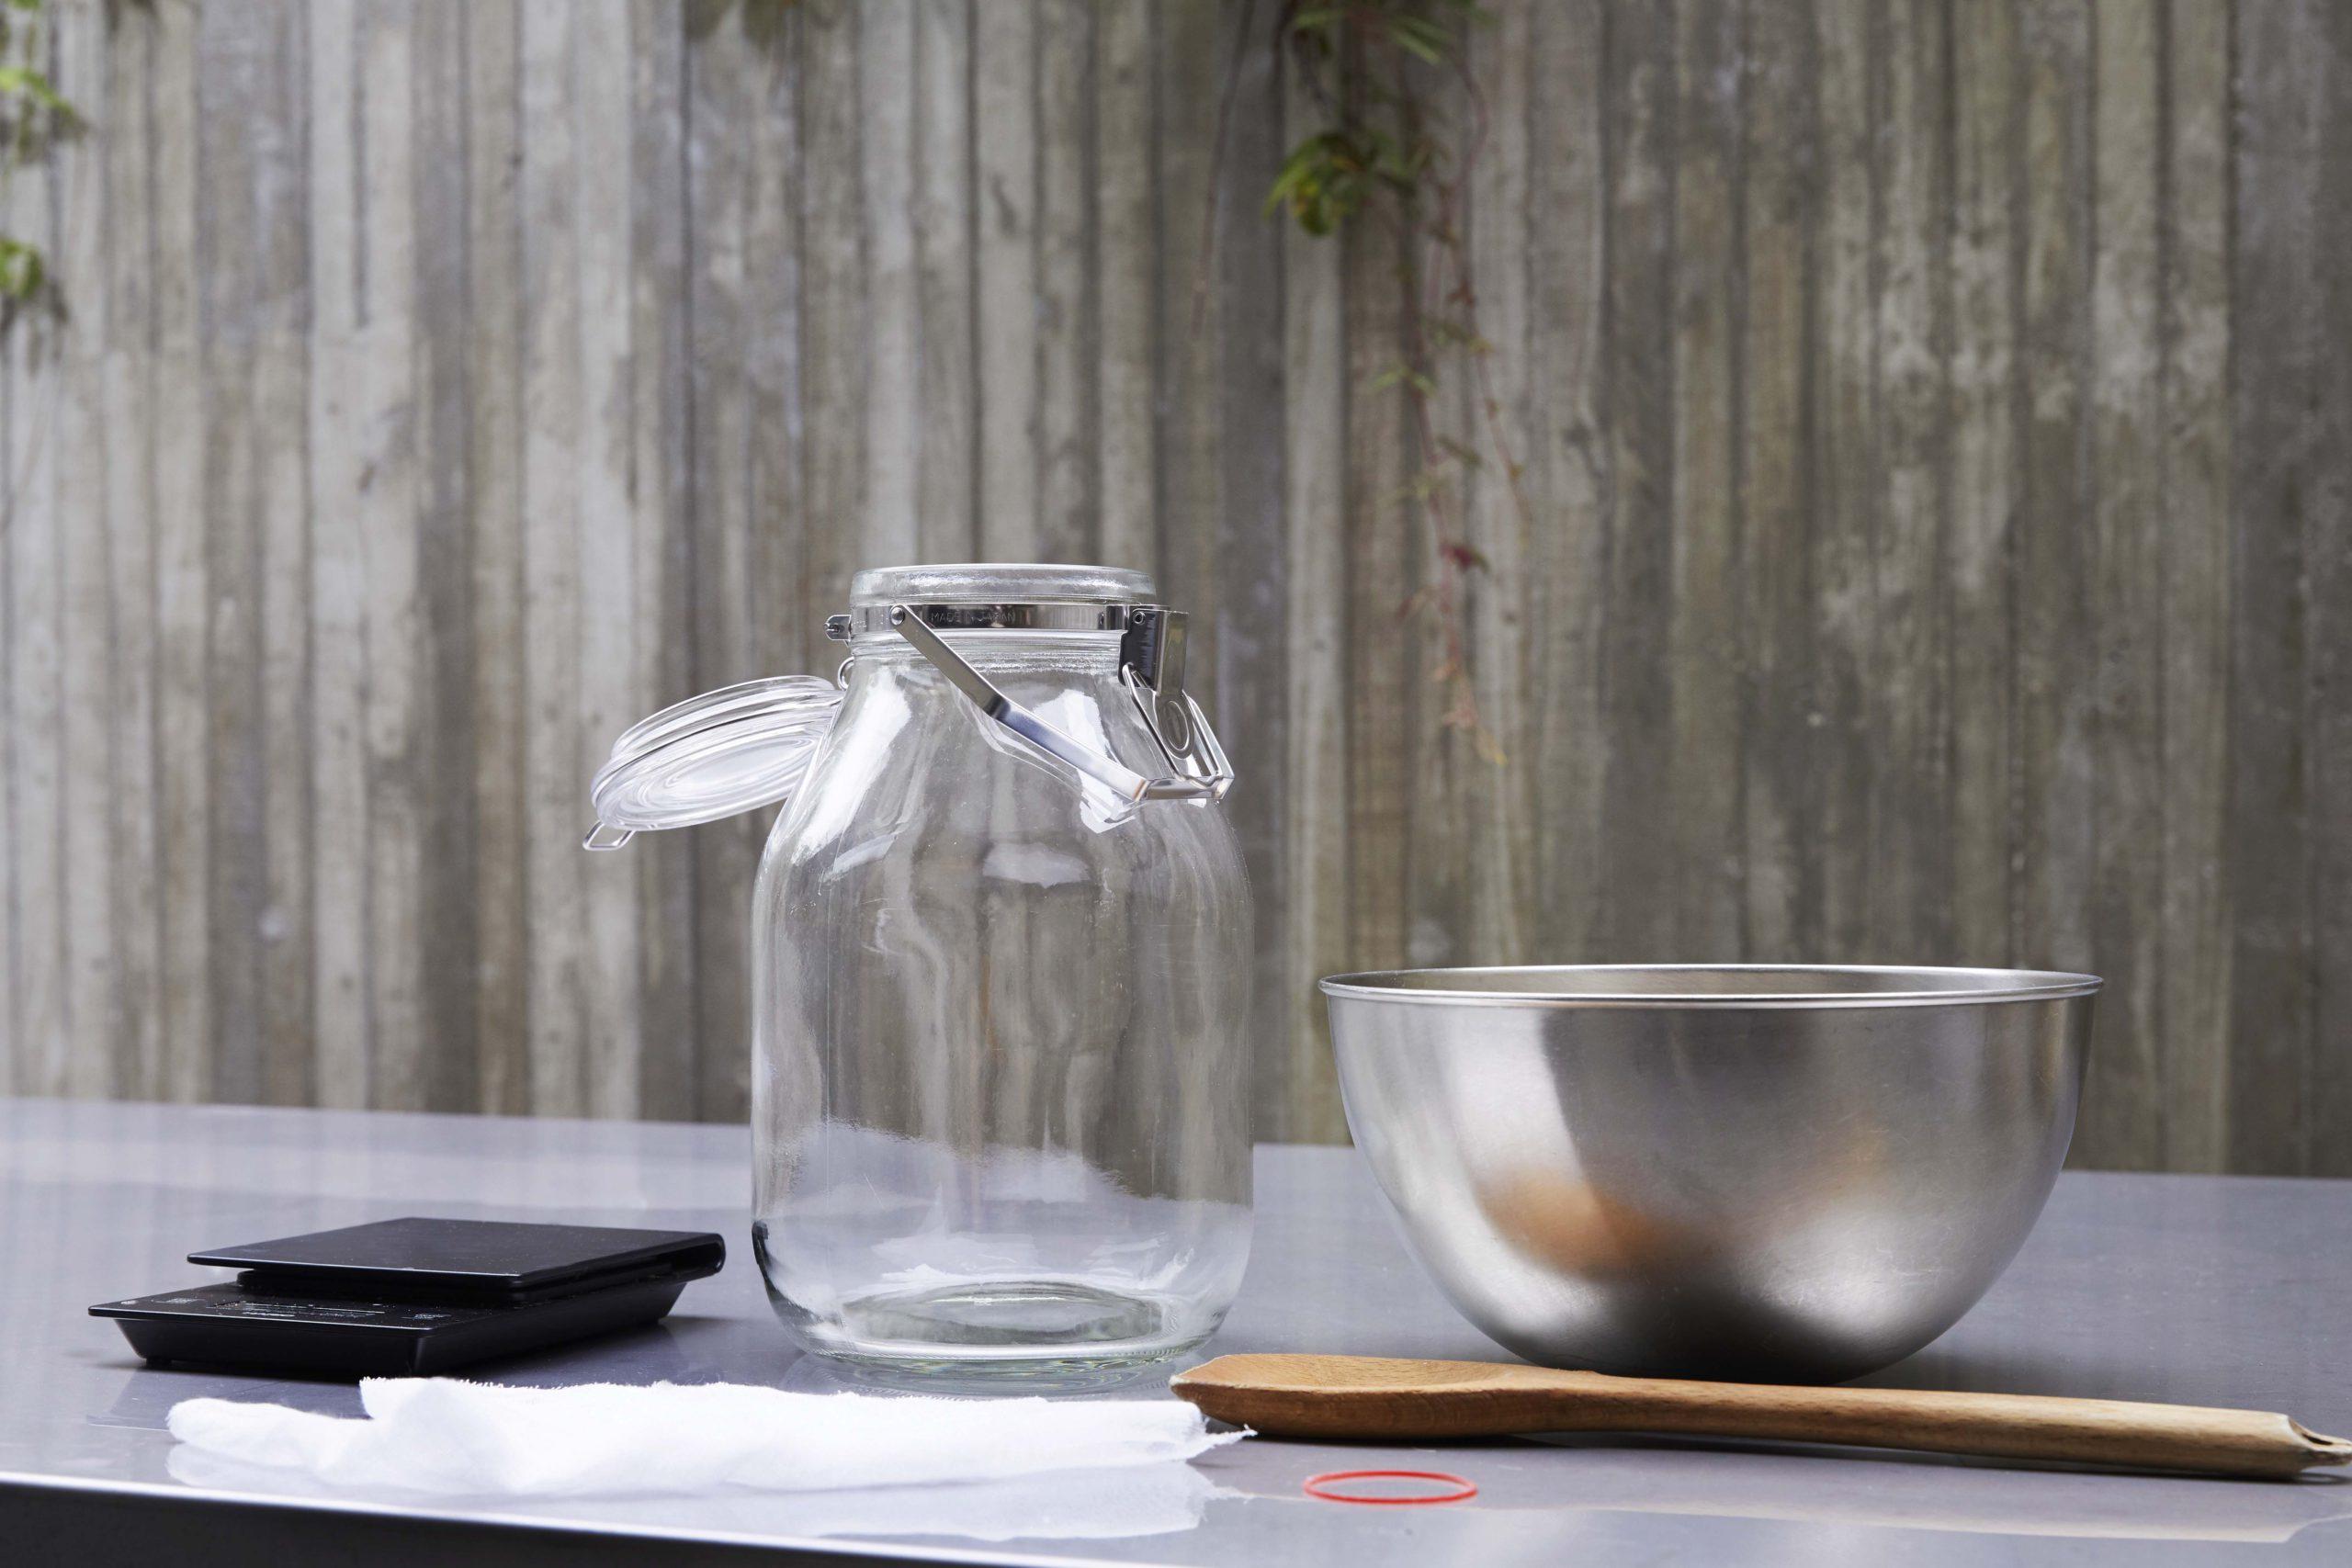 準備:瓶はあらかじめ消毒し、乾かしておく。